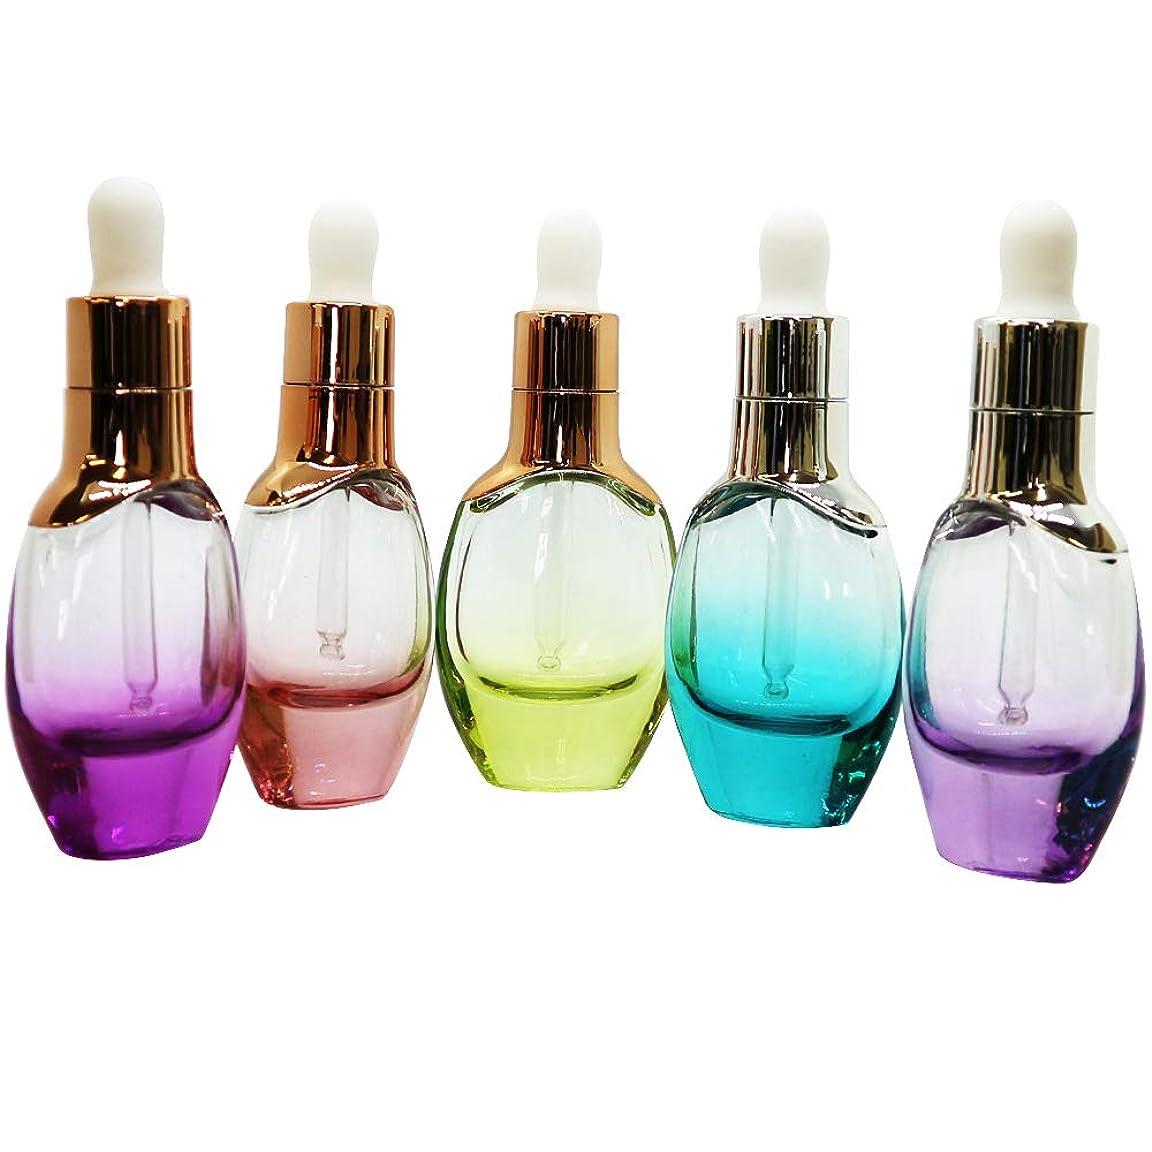 神経で傾向Coco Makai スポイト付き エッセンシャル ボトル 5本セット アロマ 化粧水 オイル ガラス製 かわいい カラフル